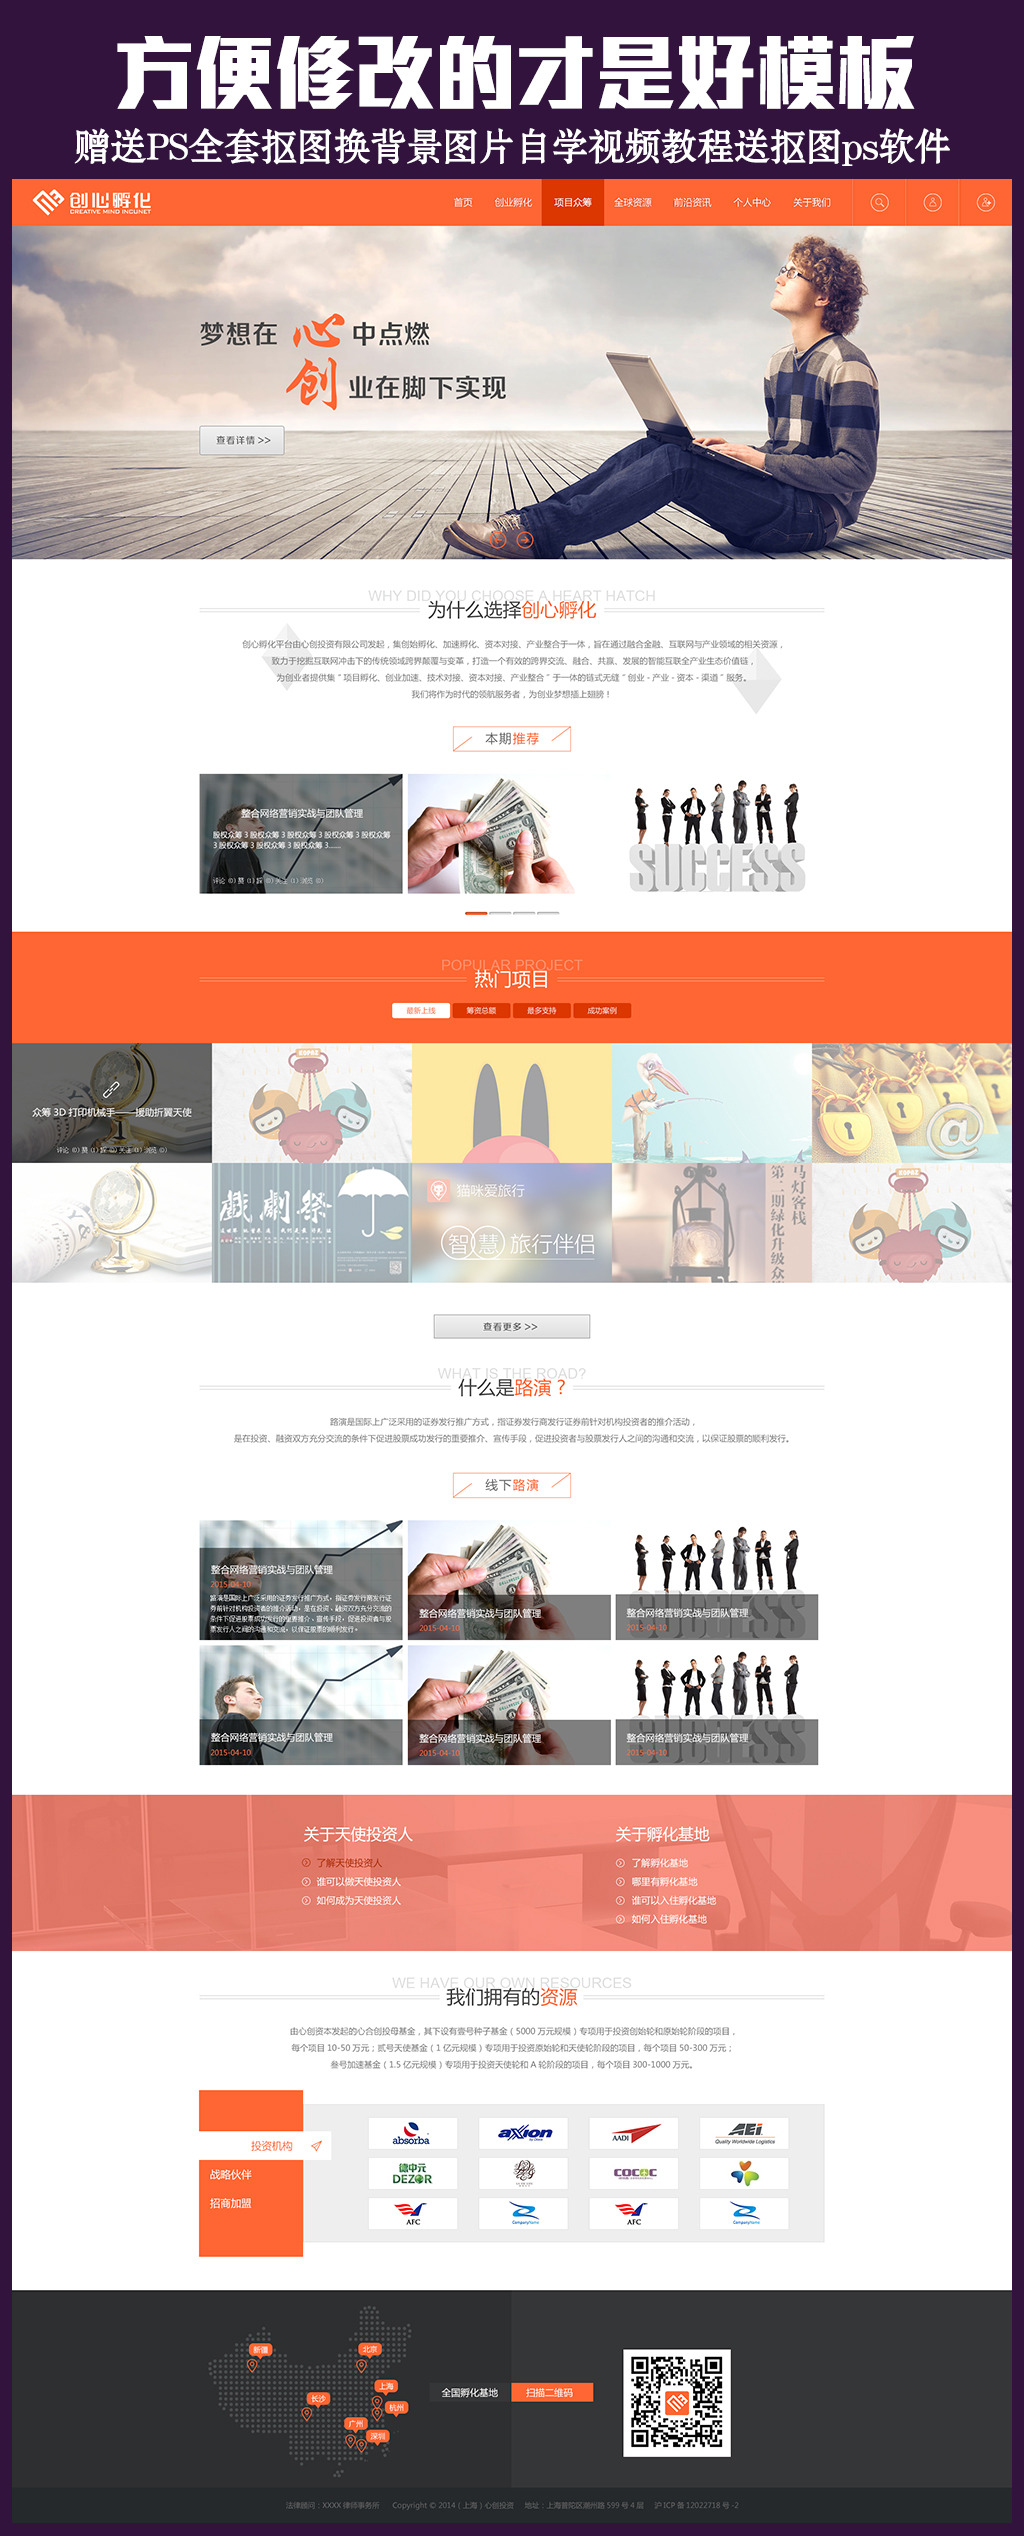 图标 ui设计 网页设计模板 企业网站模板 > 创业招商加盟信息类多风格